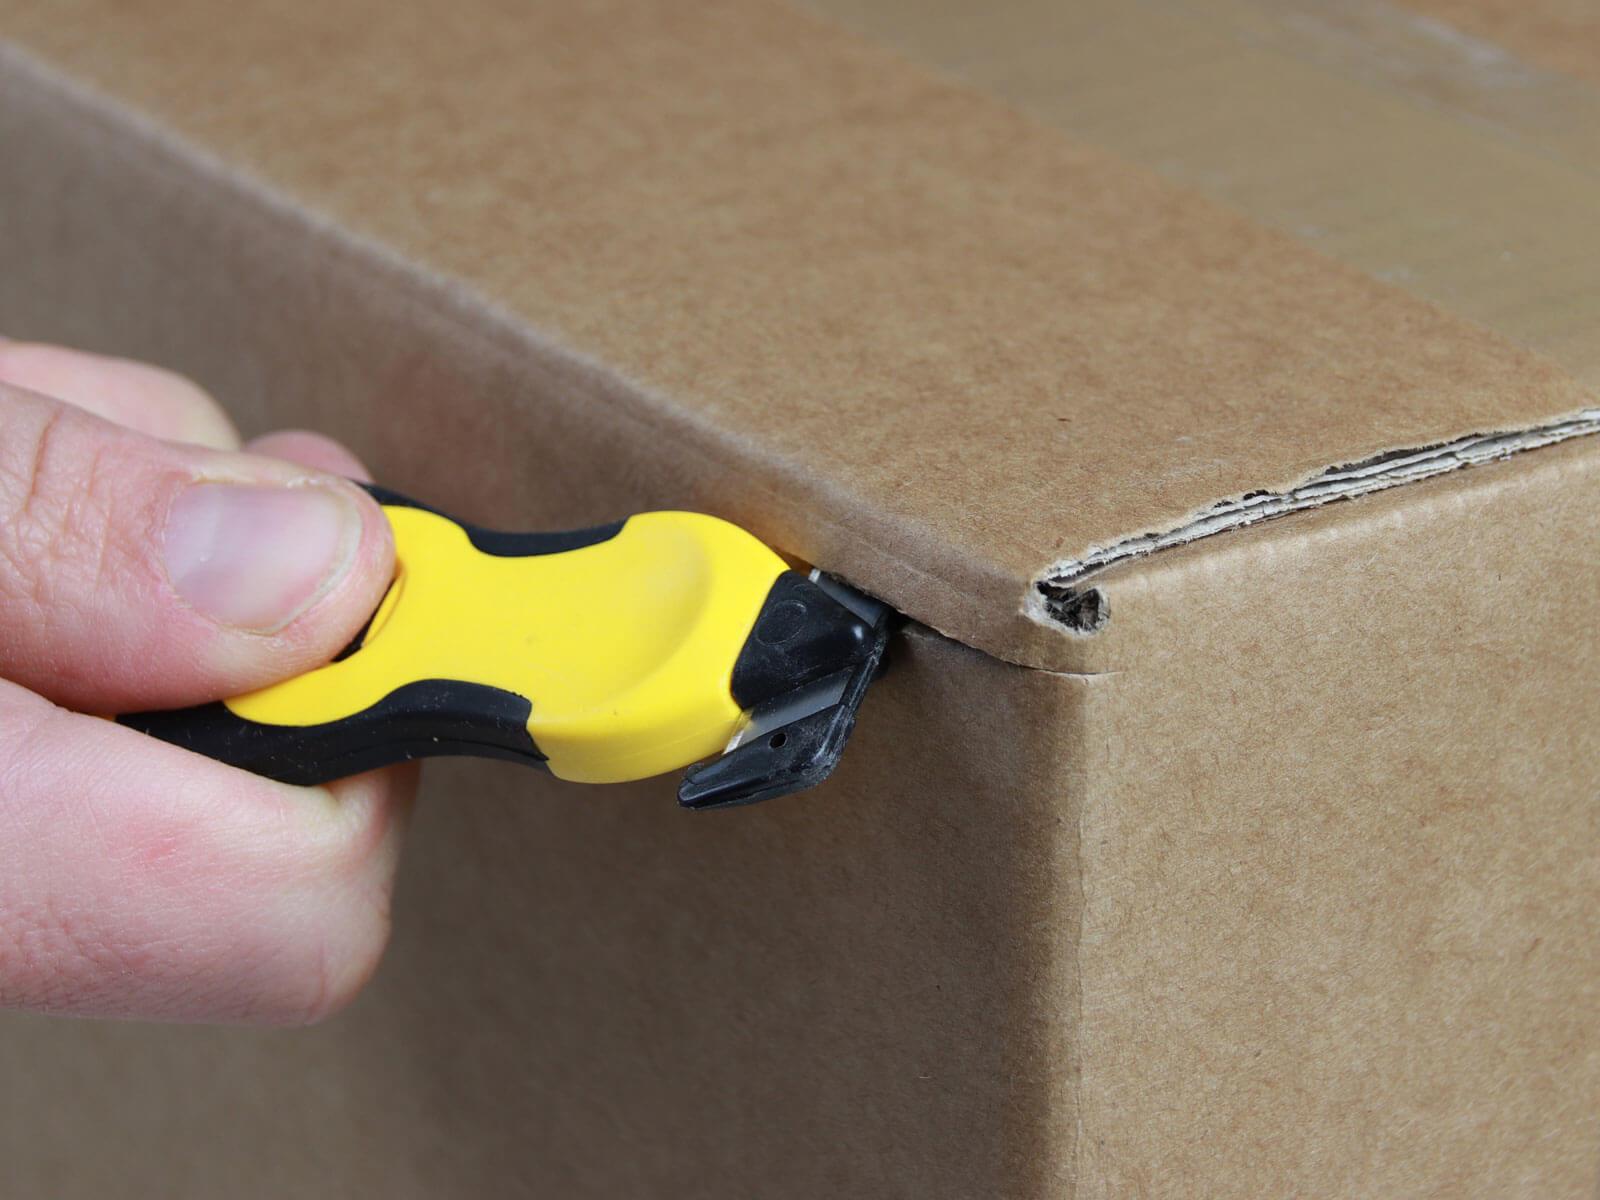 H031G Sicherheitsmesser Schutzhaken Karton schneiden abdeckeln CURT-tools